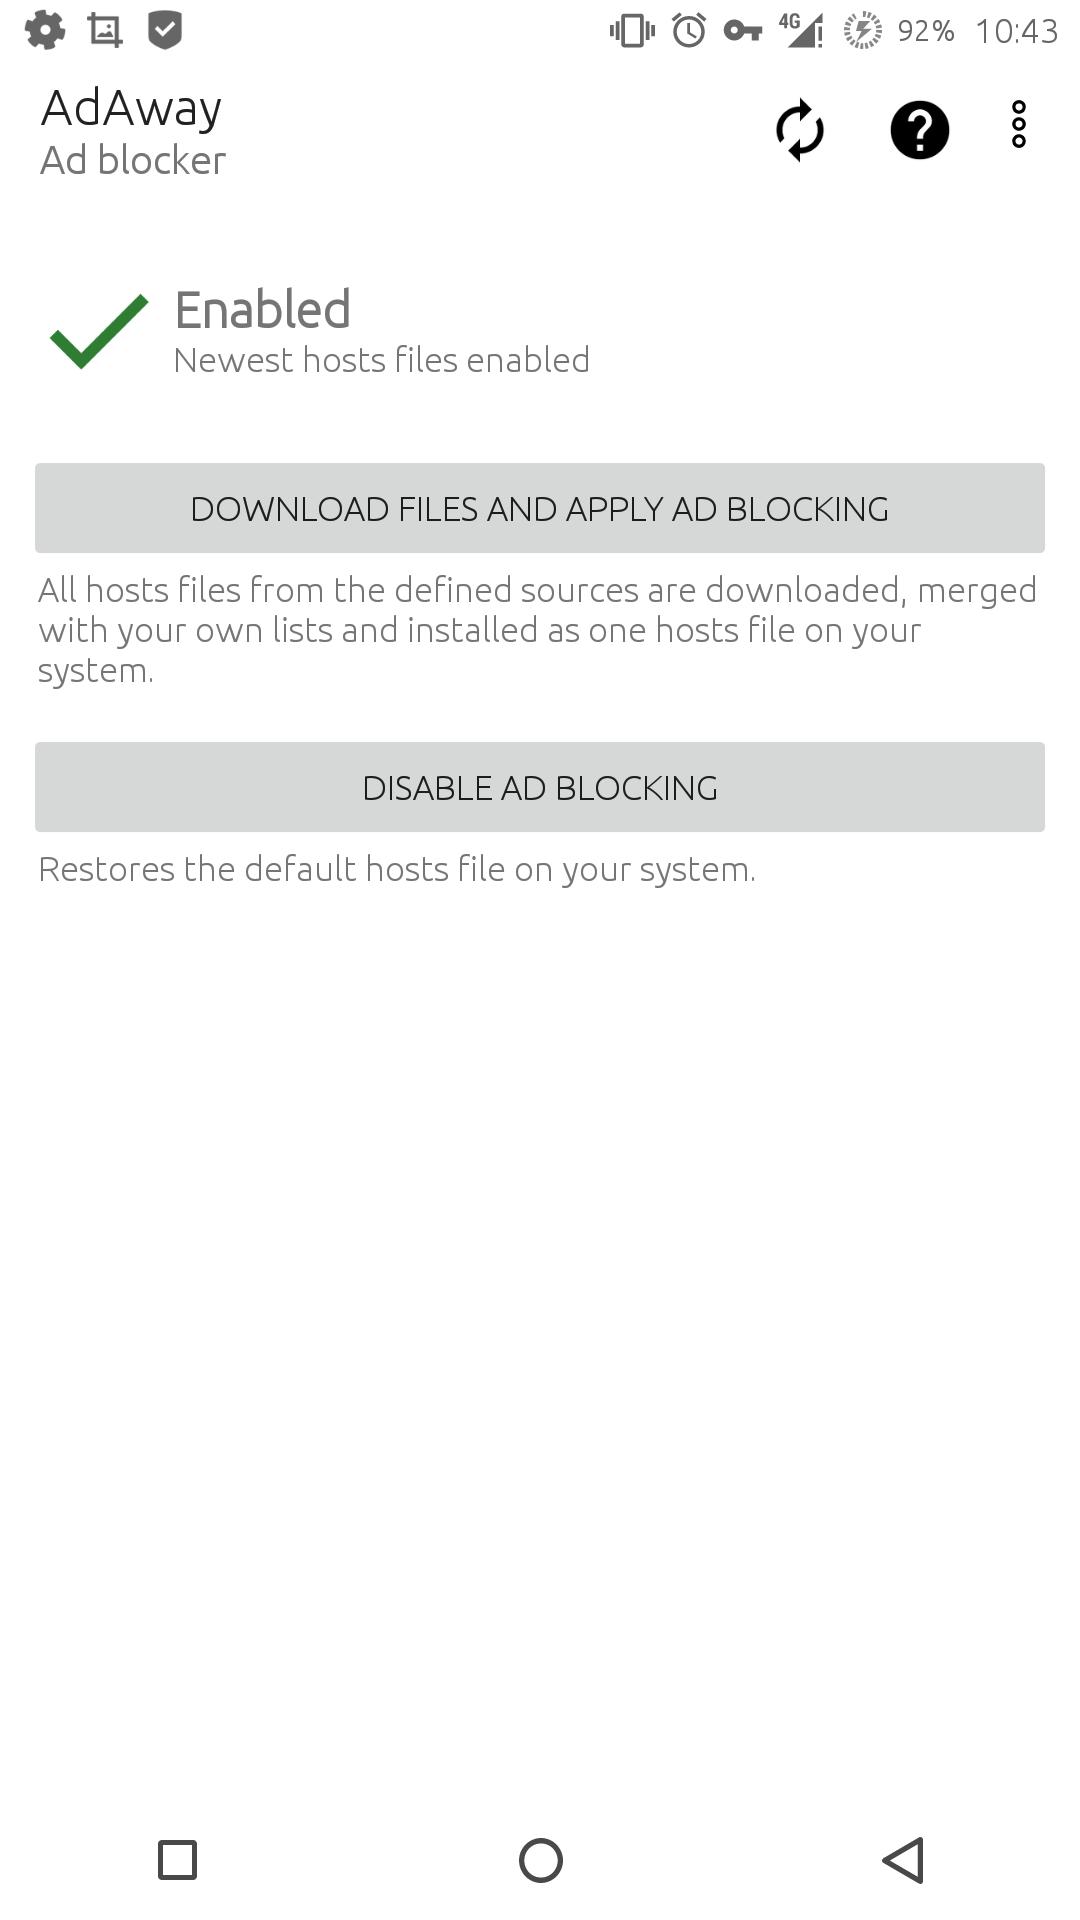 [CM13 THEME - ANDROID] Enhancement - FLOSS apps [Gratuit][GPLv3] 146212351760657